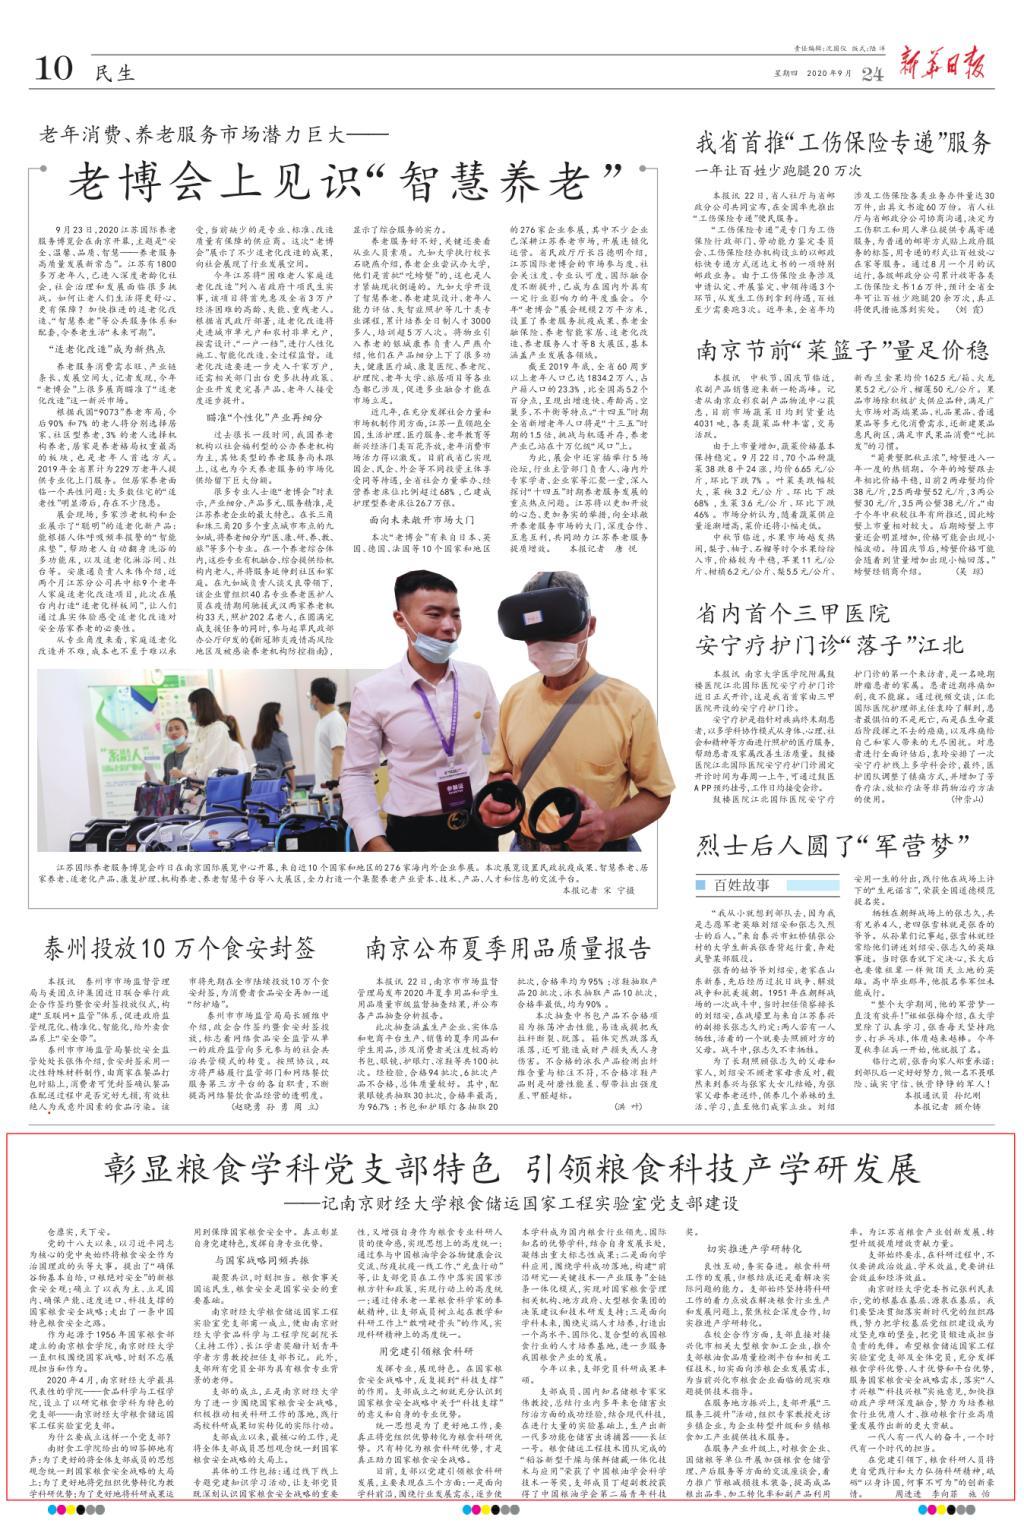 新華日報》報道我?;鶎狱h支部建設工作(圖1)